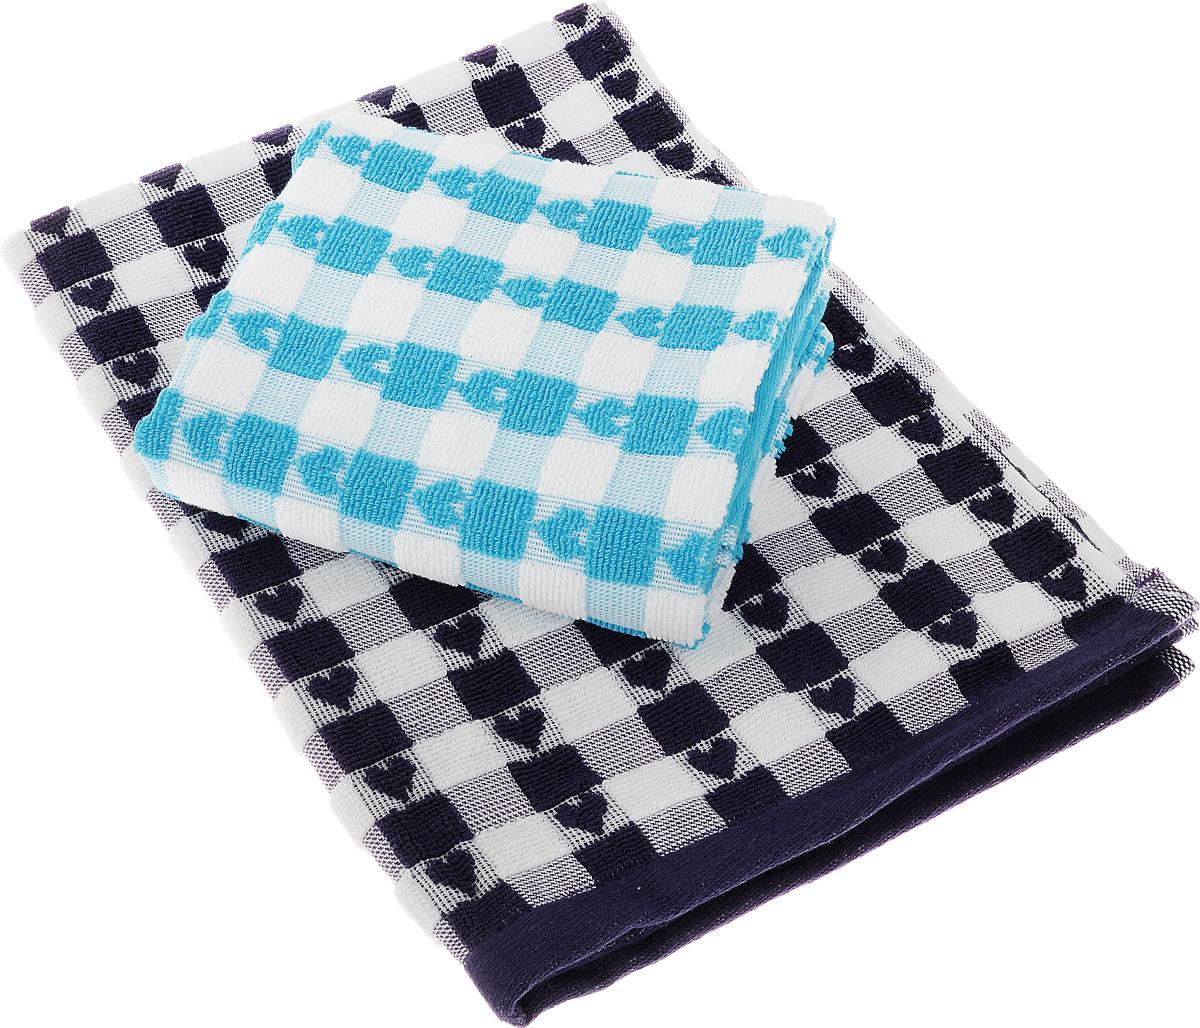 Набор кухонных полотенец Toalla Сердечки, цвет: фиолетовый, голубой, 50 x 70 см, 2 шт kitchenaid набор прямоугольных чаш для запекания 0 45 л 2 шт красные